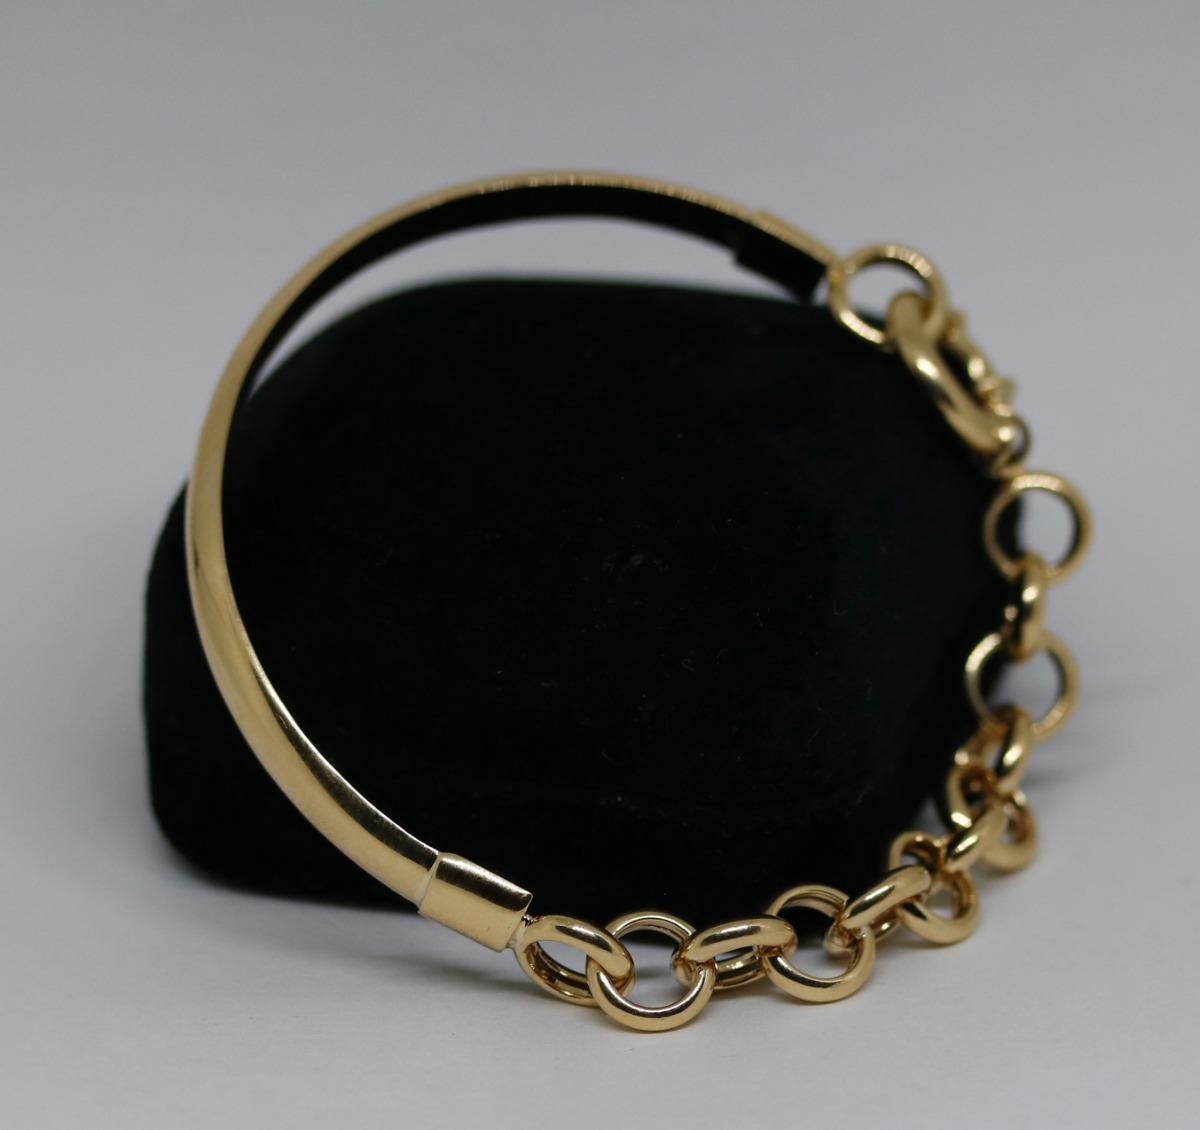 6a76ffb2389e7 Pulseira Meio Bracelete De Ouro 18k 750 - R  2.295,00 em Mercado Livre